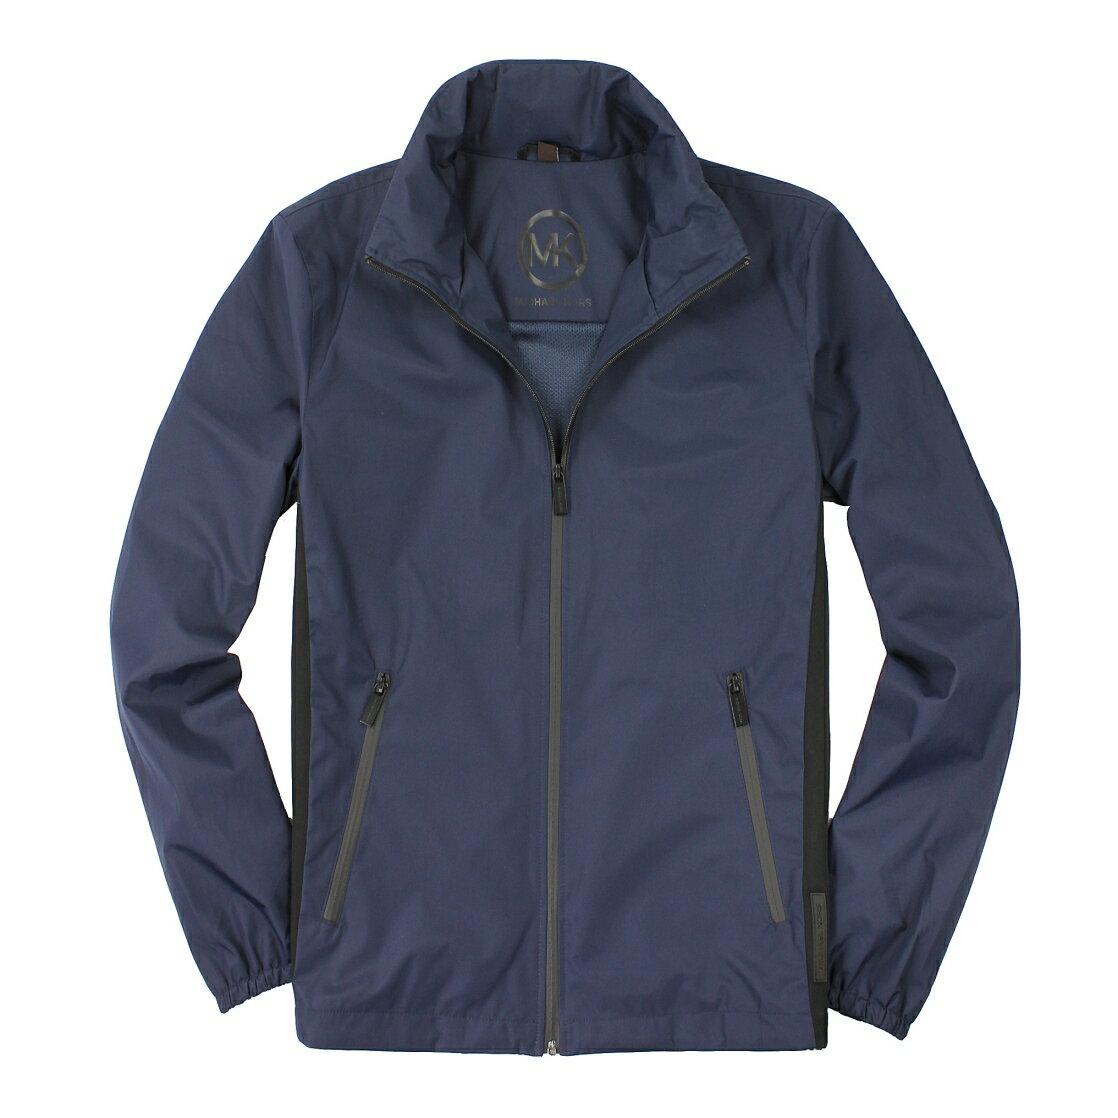 美國百分百【全新真品】Michael Kors 外套 MK 夾克 連帽外套 風衣 深藍 防水 Logo 男款 M號 A877